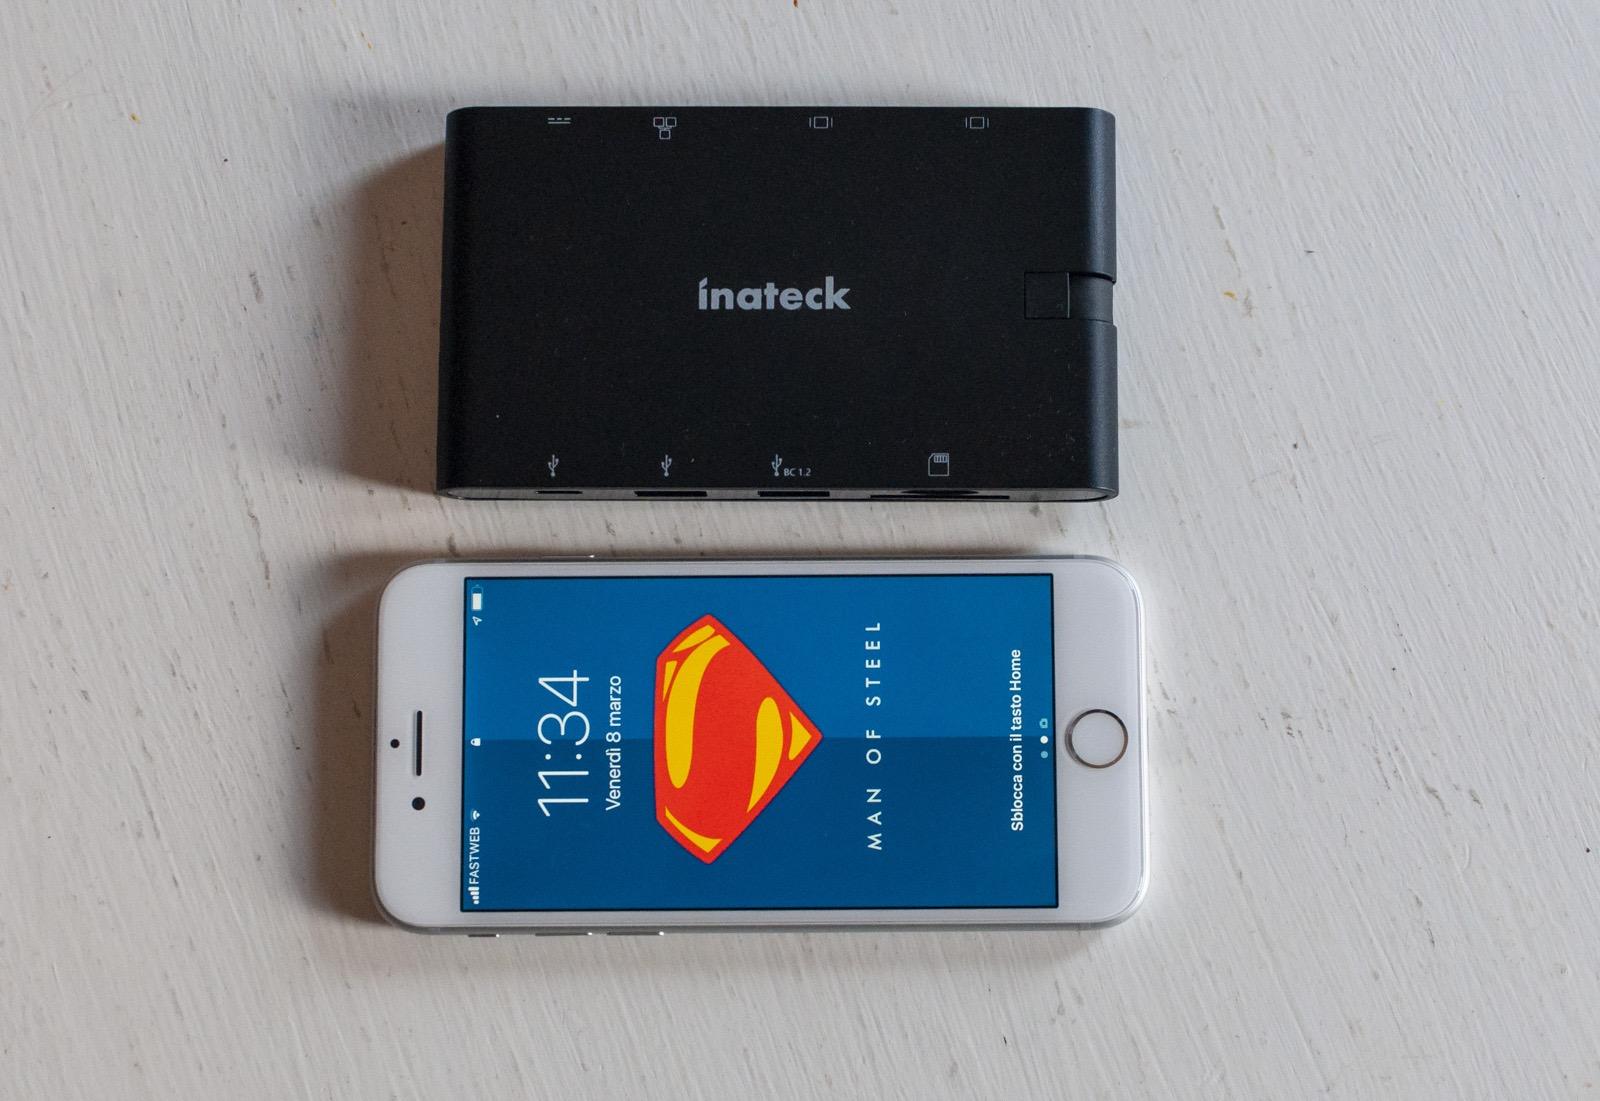 Recensione Inateck 9-in-1 USB C Hub, l'adattatutto USB-C